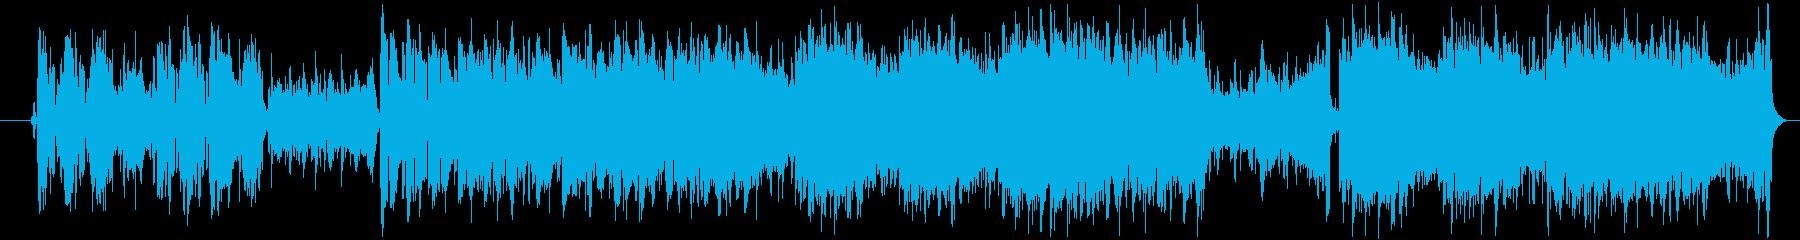 フラメンコのオリジナル曲でダンス向きの再生済みの波形